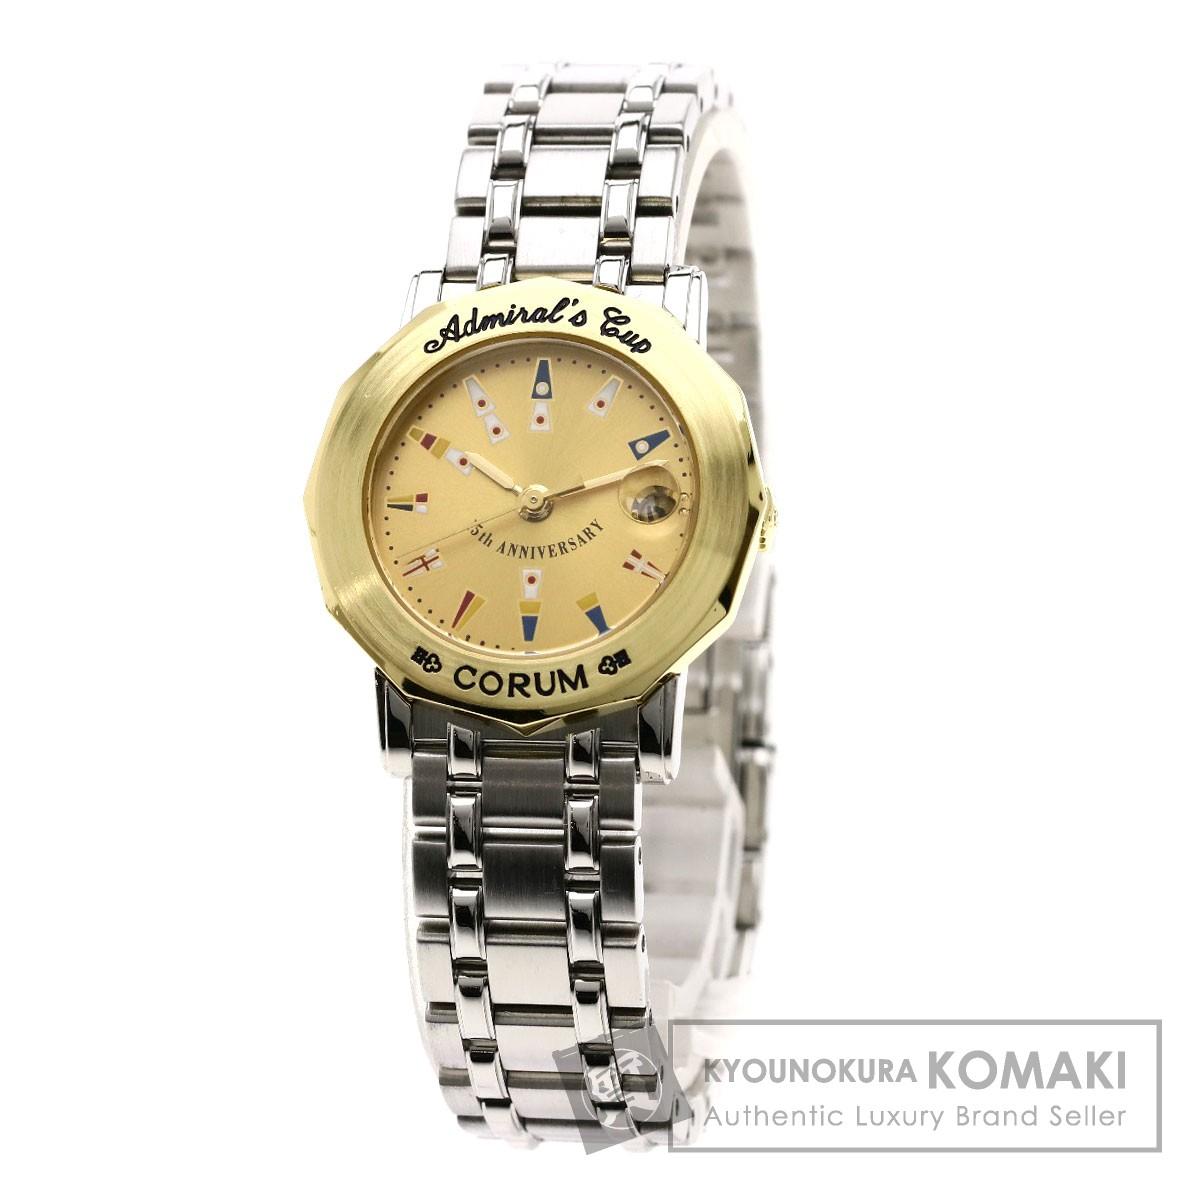 CORUM 99.431.21 V585 アドミラルズカップ 15周年記念モデル 腕時計 ステンレススチール レディース 【中古】【コルム】